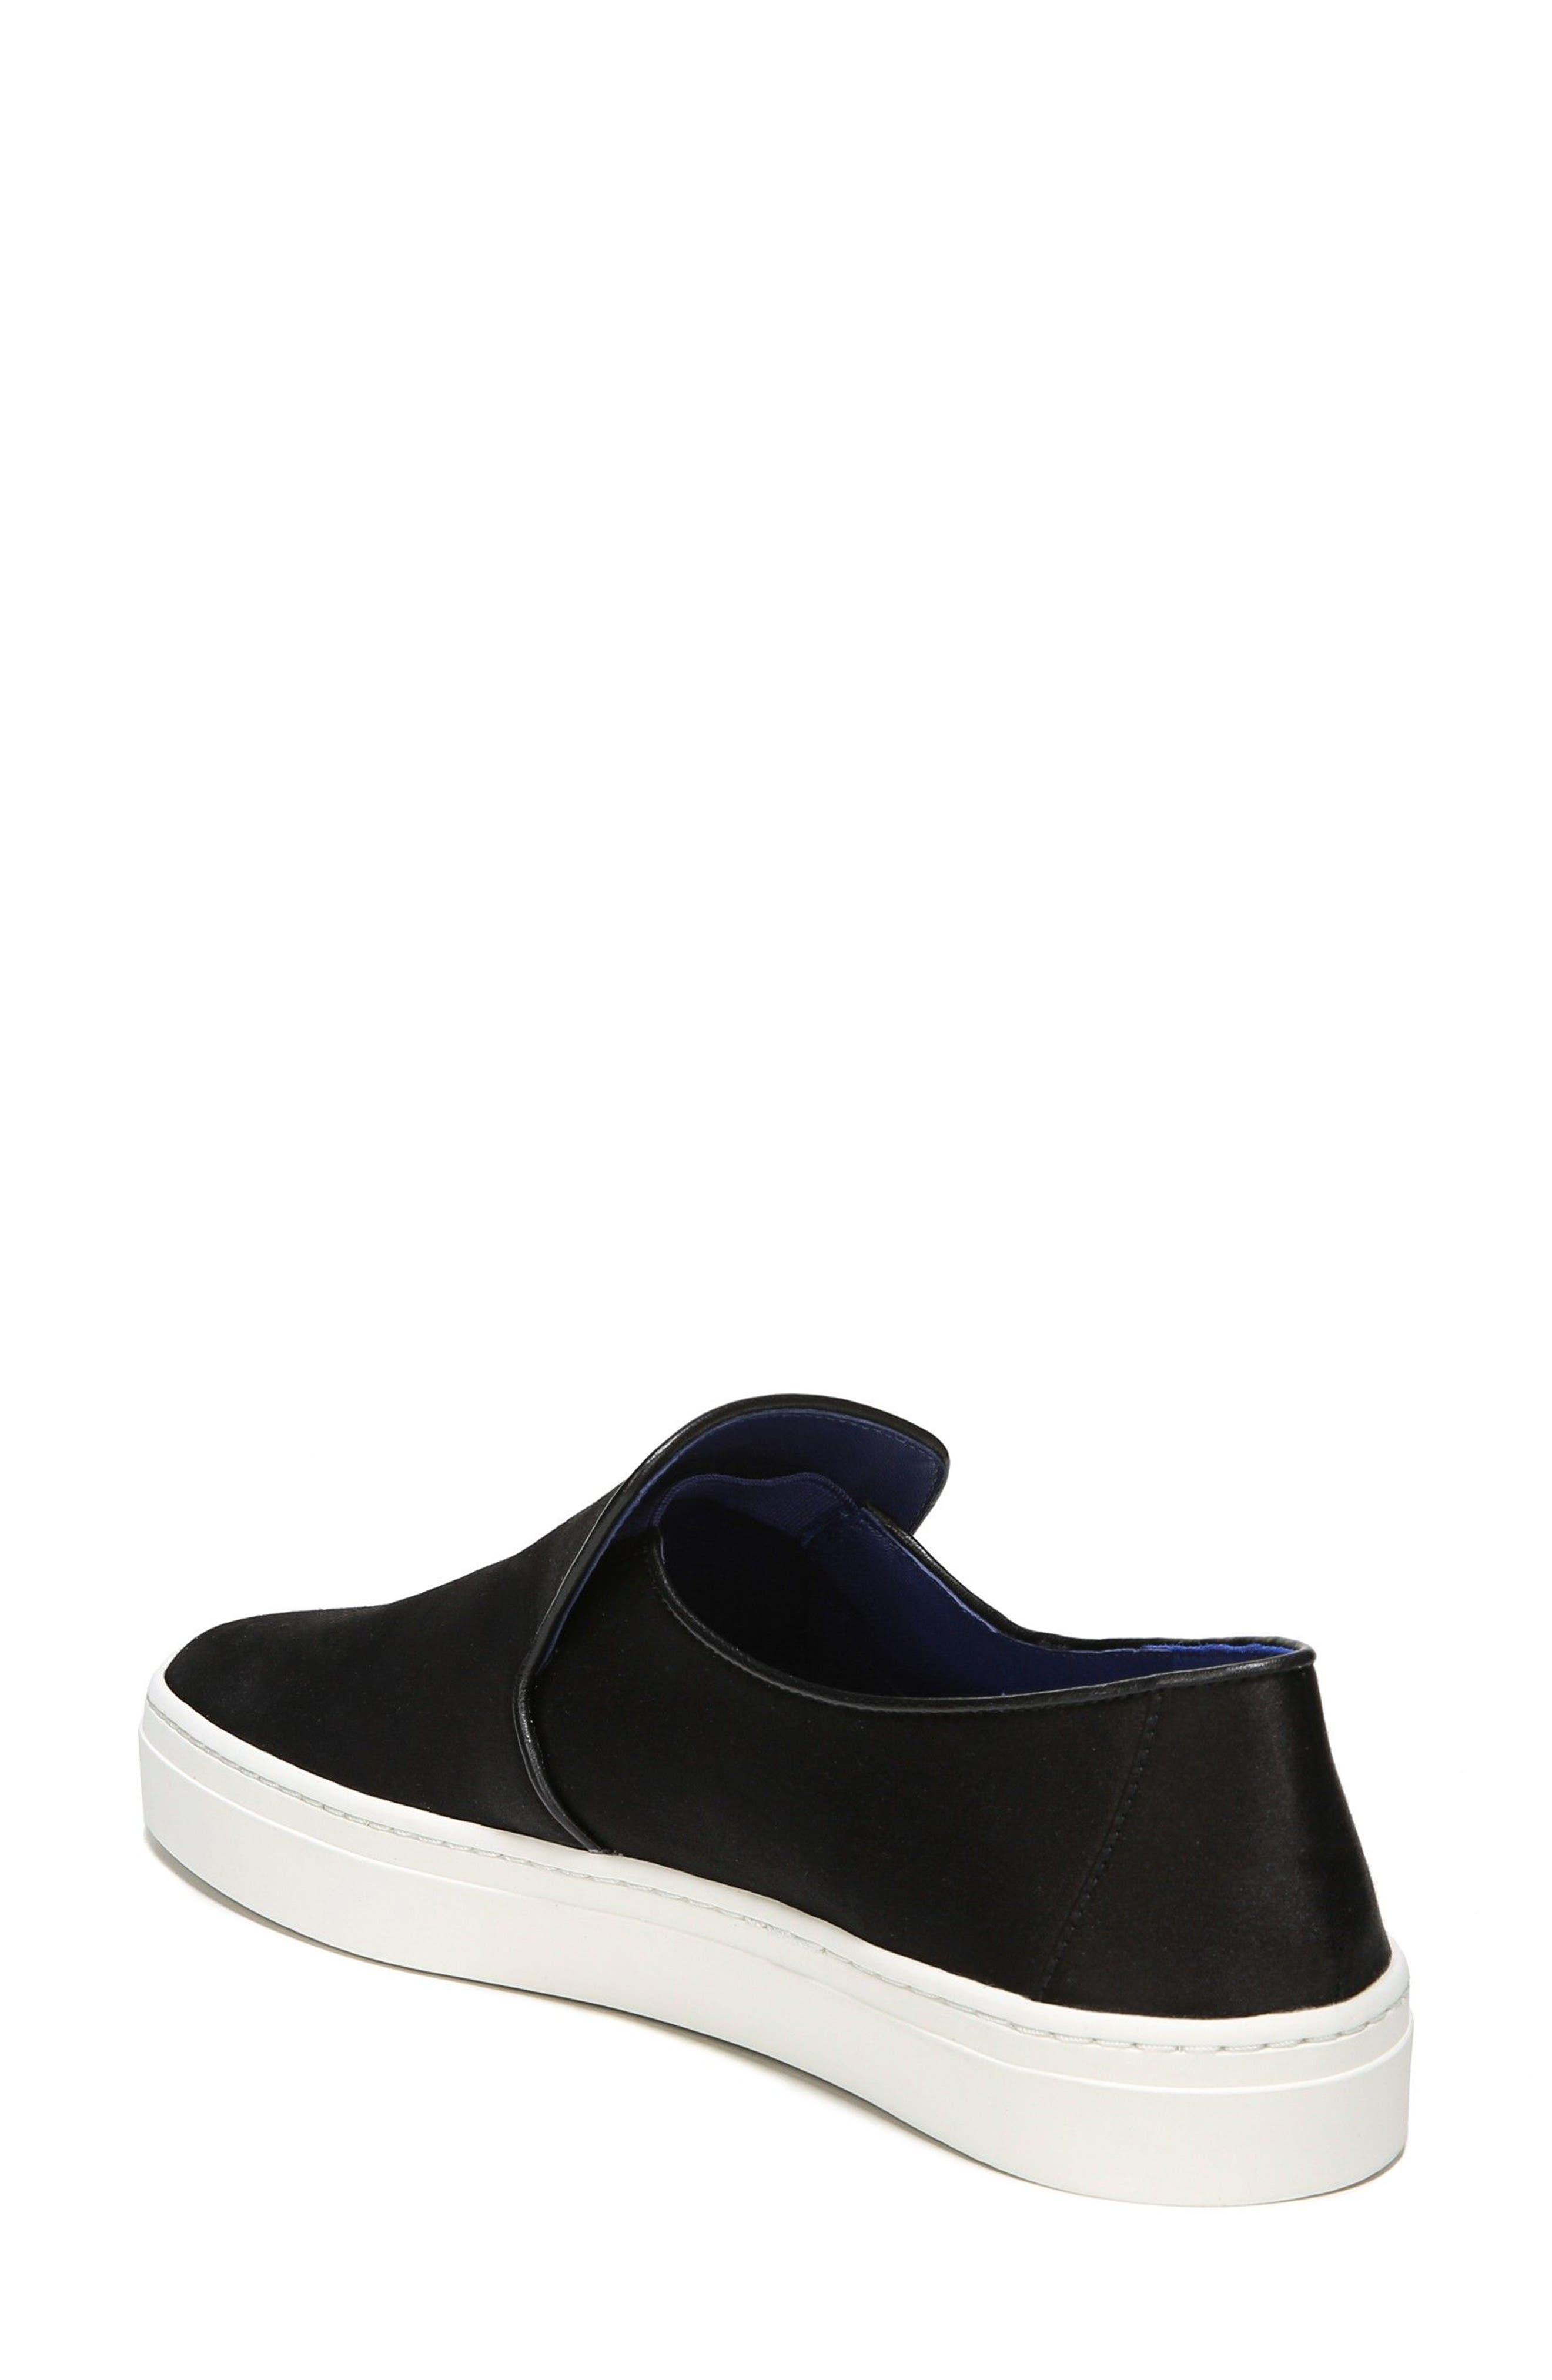 Budapest Slip-On Sneaker,                             Alternate thumbnail 2, color,                             Black